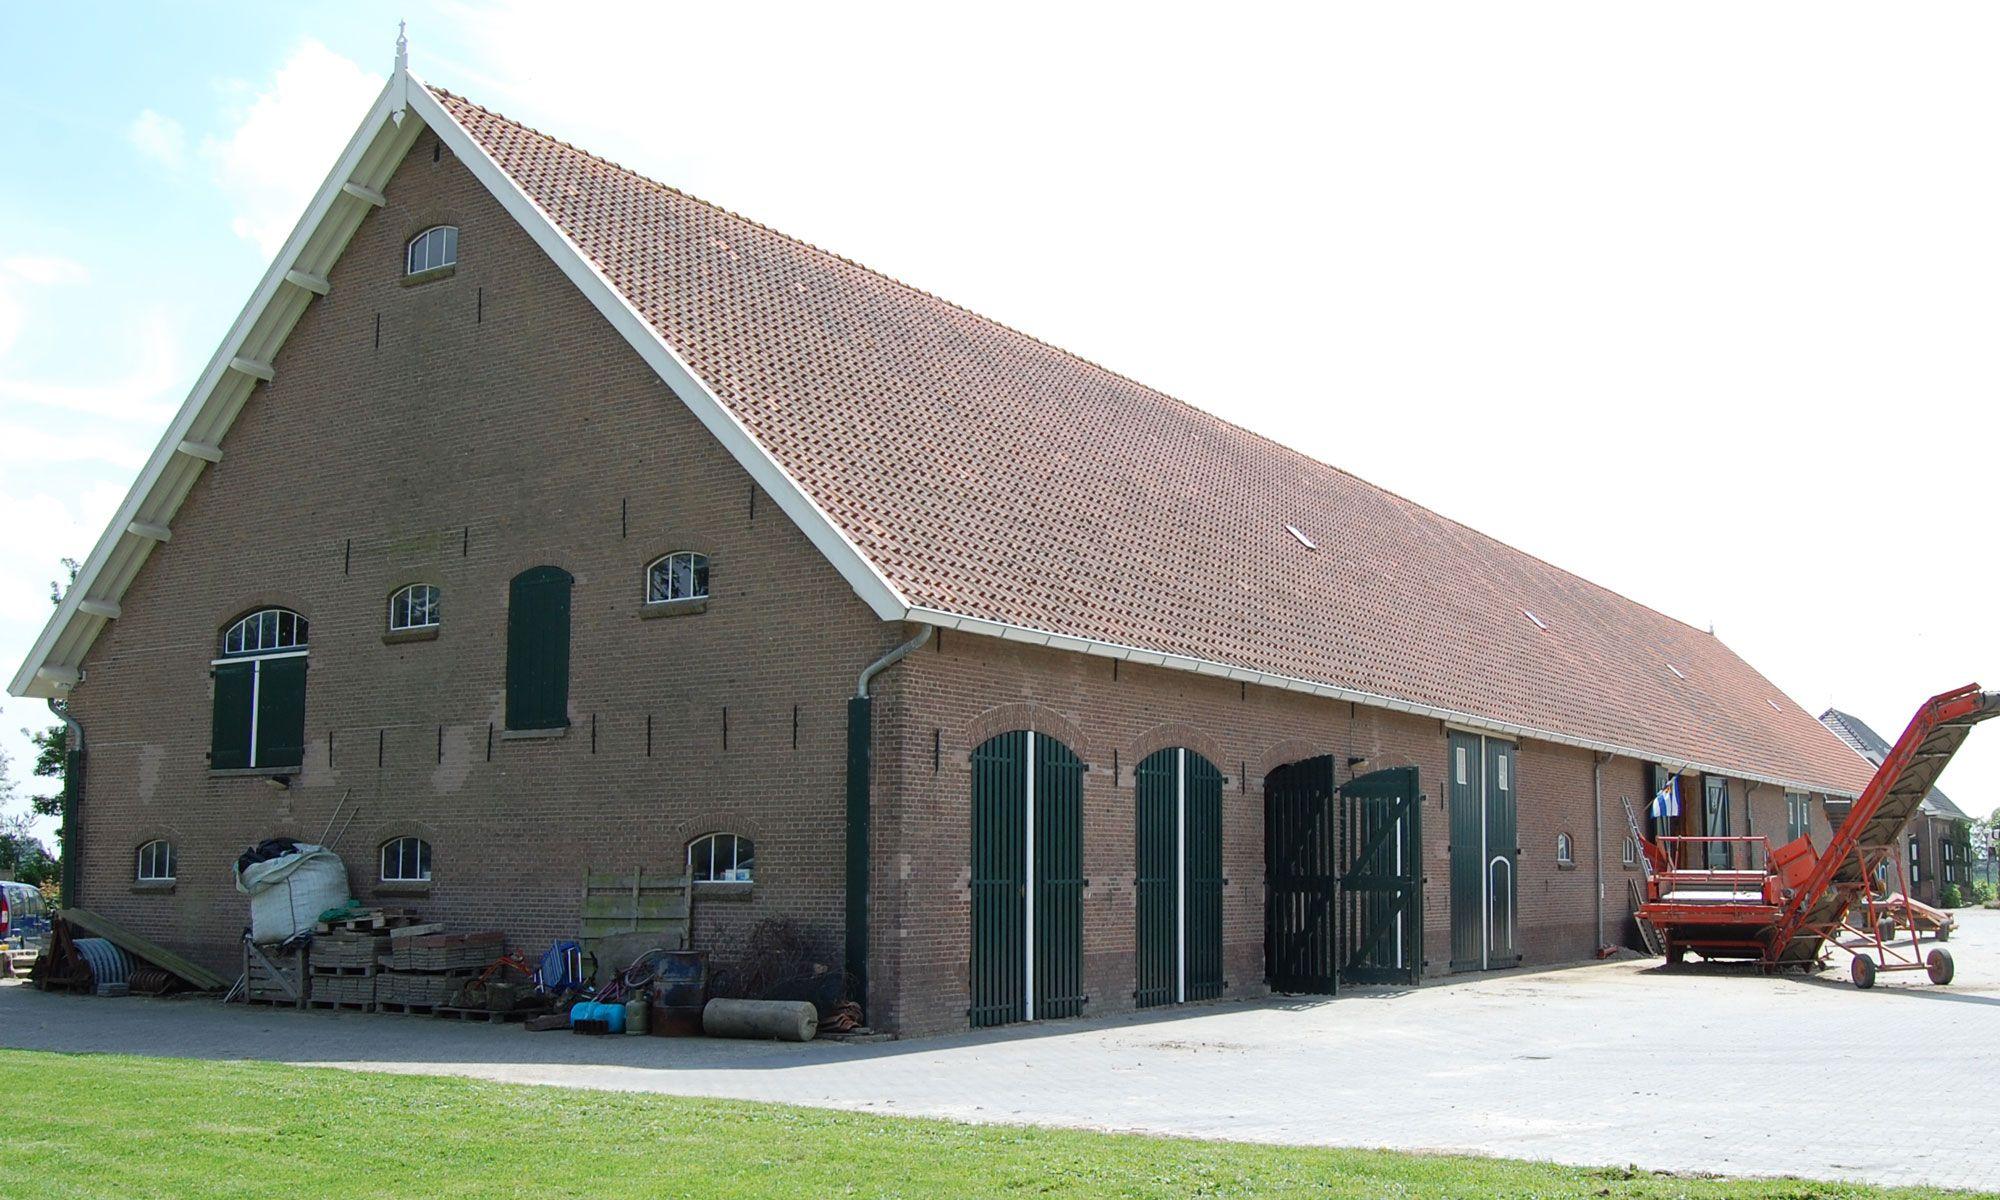 Boerderij Oranjepolder in Arnemuiden. (Beeldbank SCEZ)